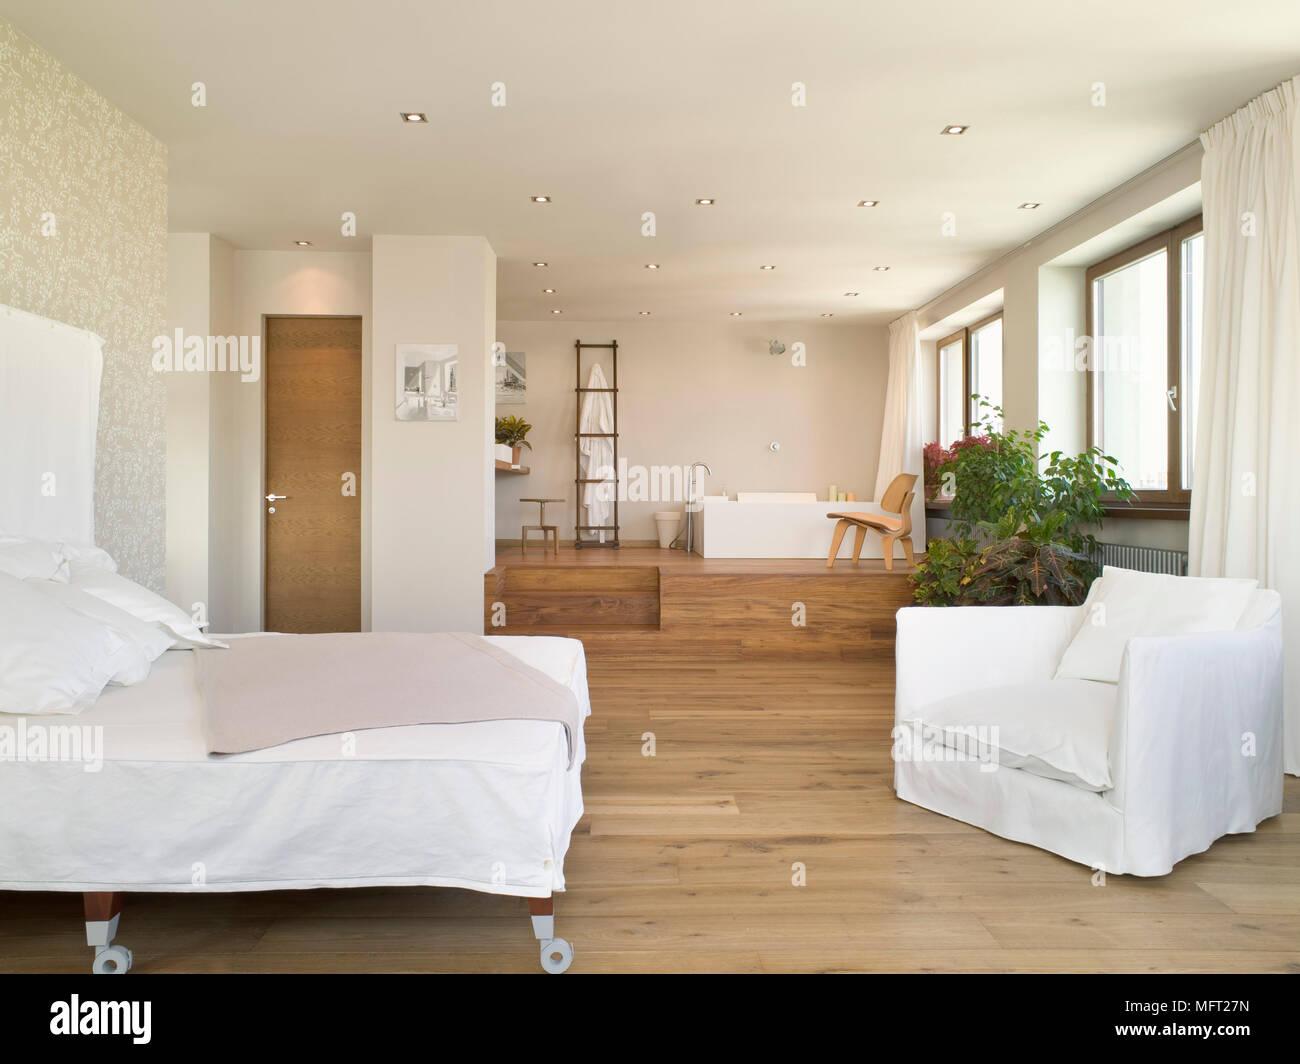 Schlafzimmer Mit Holzboden Und Doppelbett Mit Schritte Bis Zum